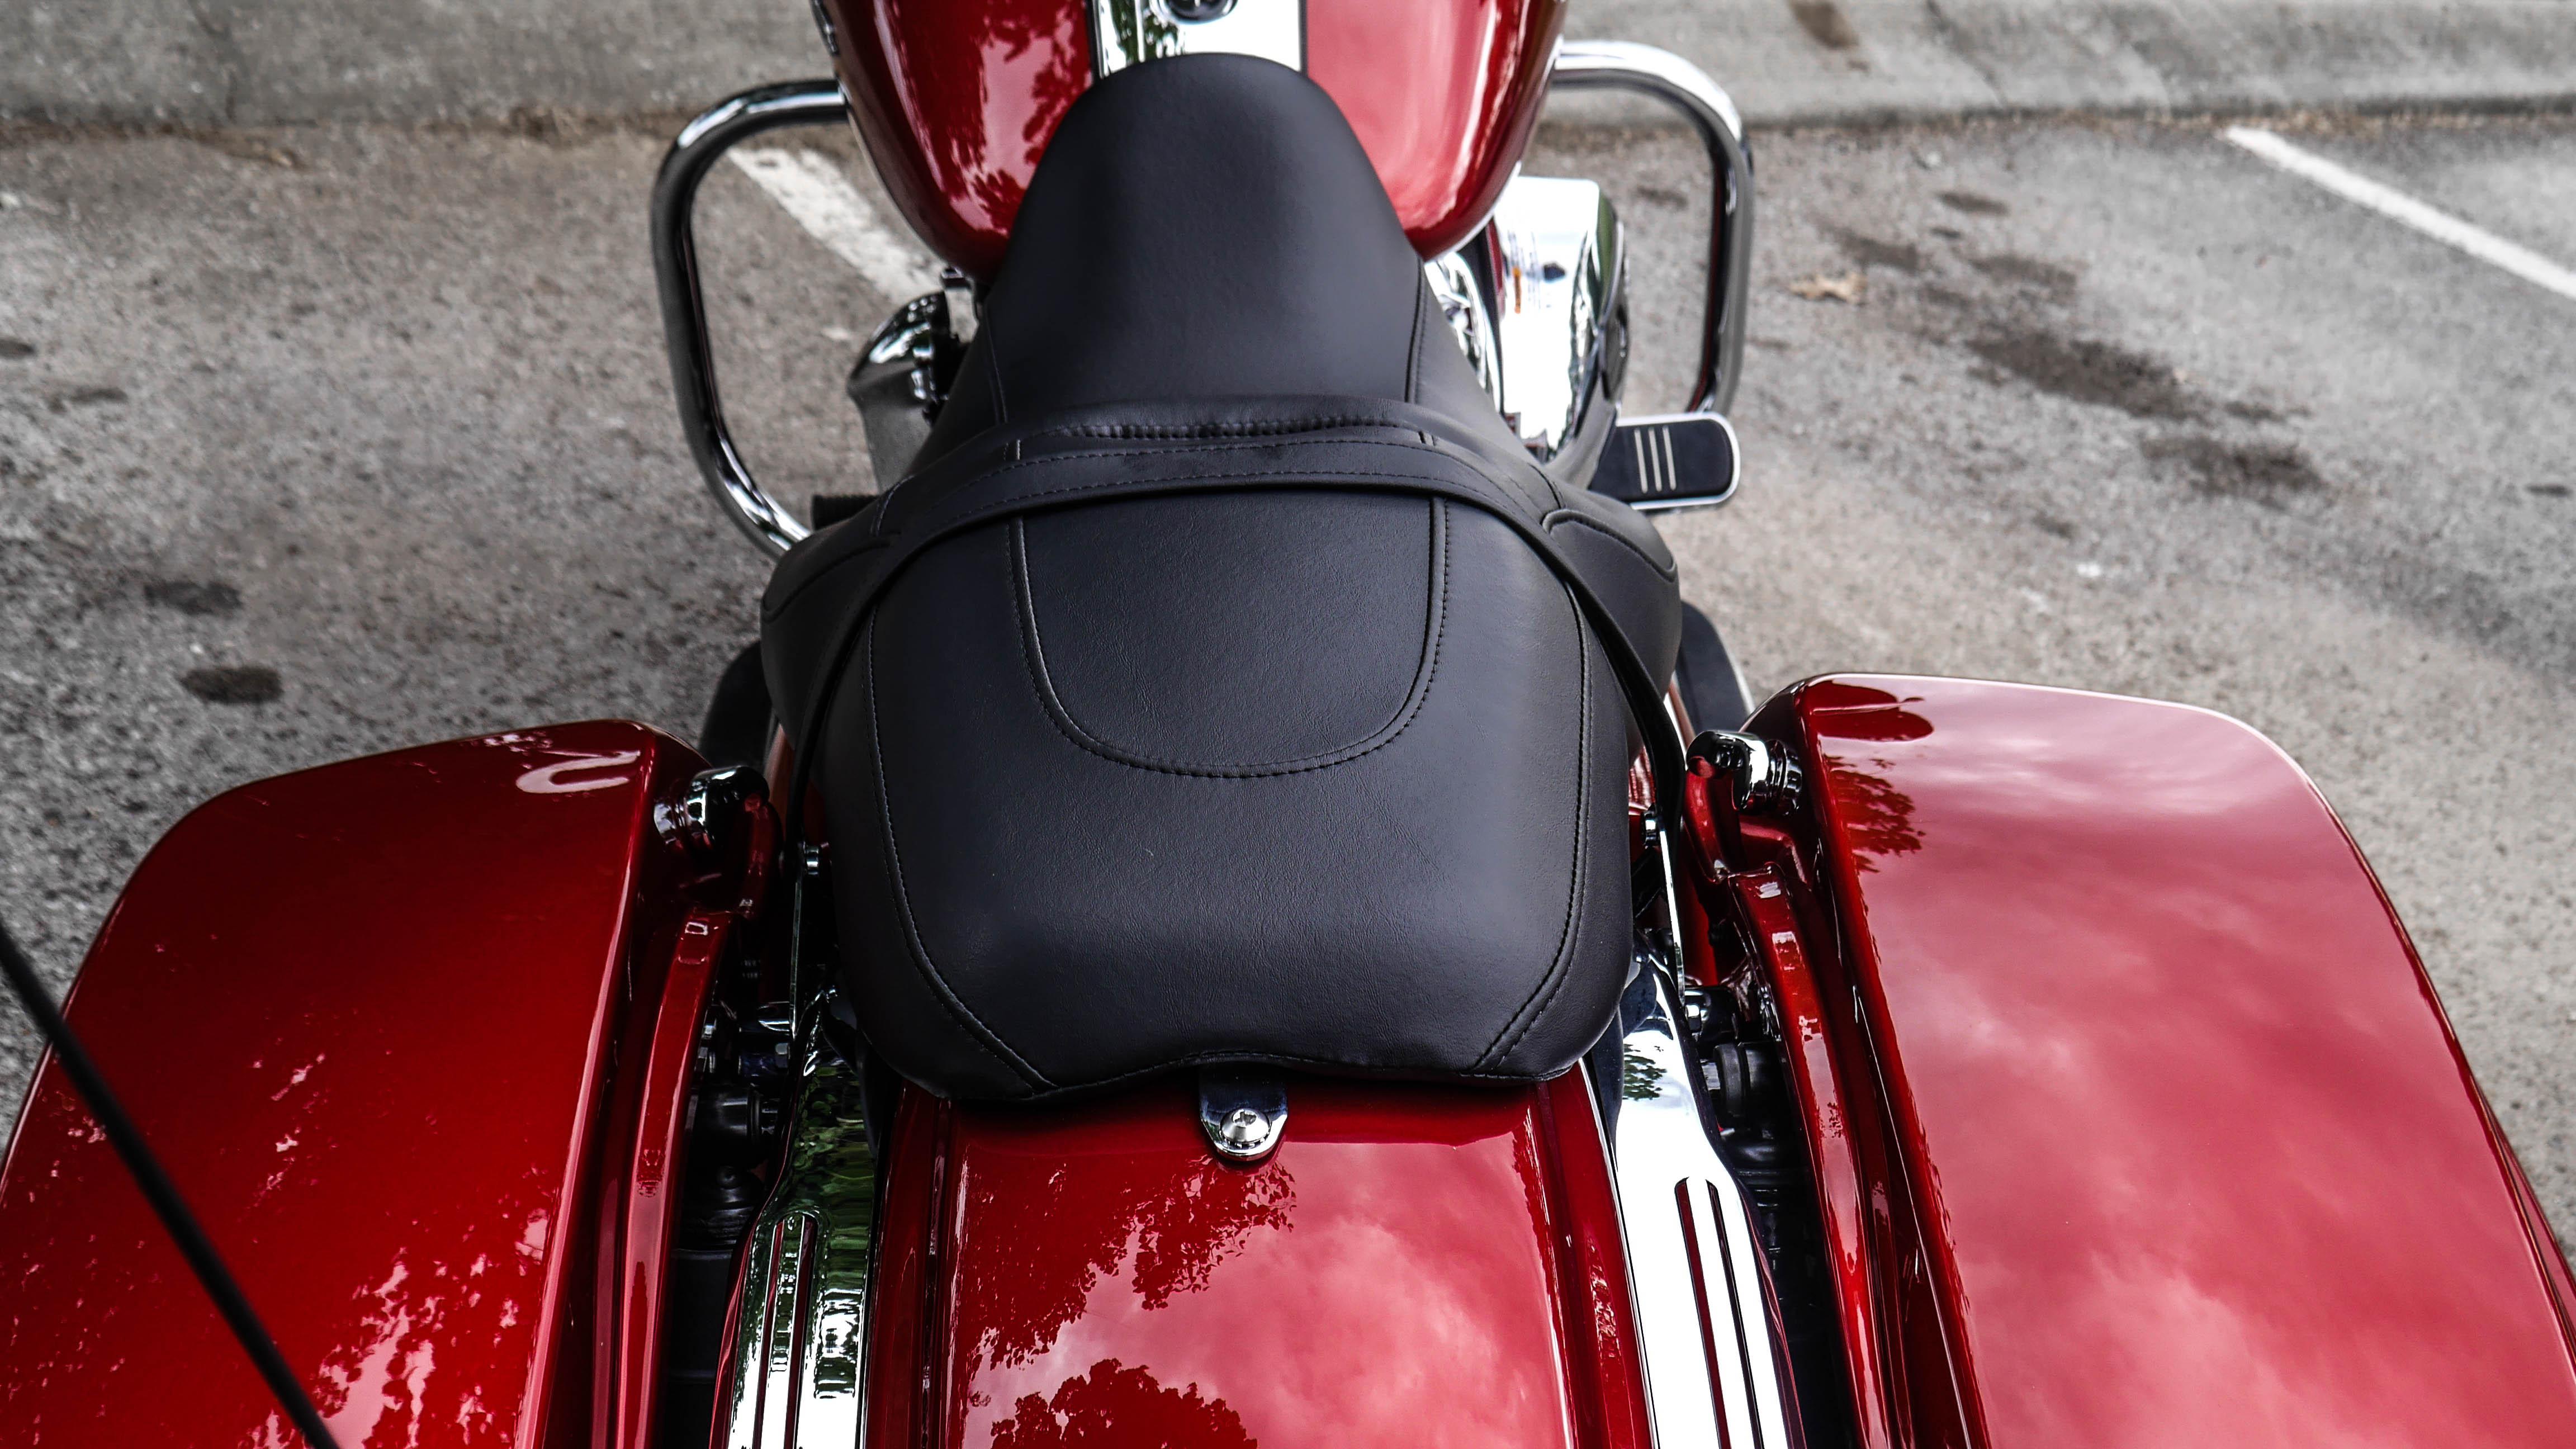 New 2019 Harley-Davidson Street Glide